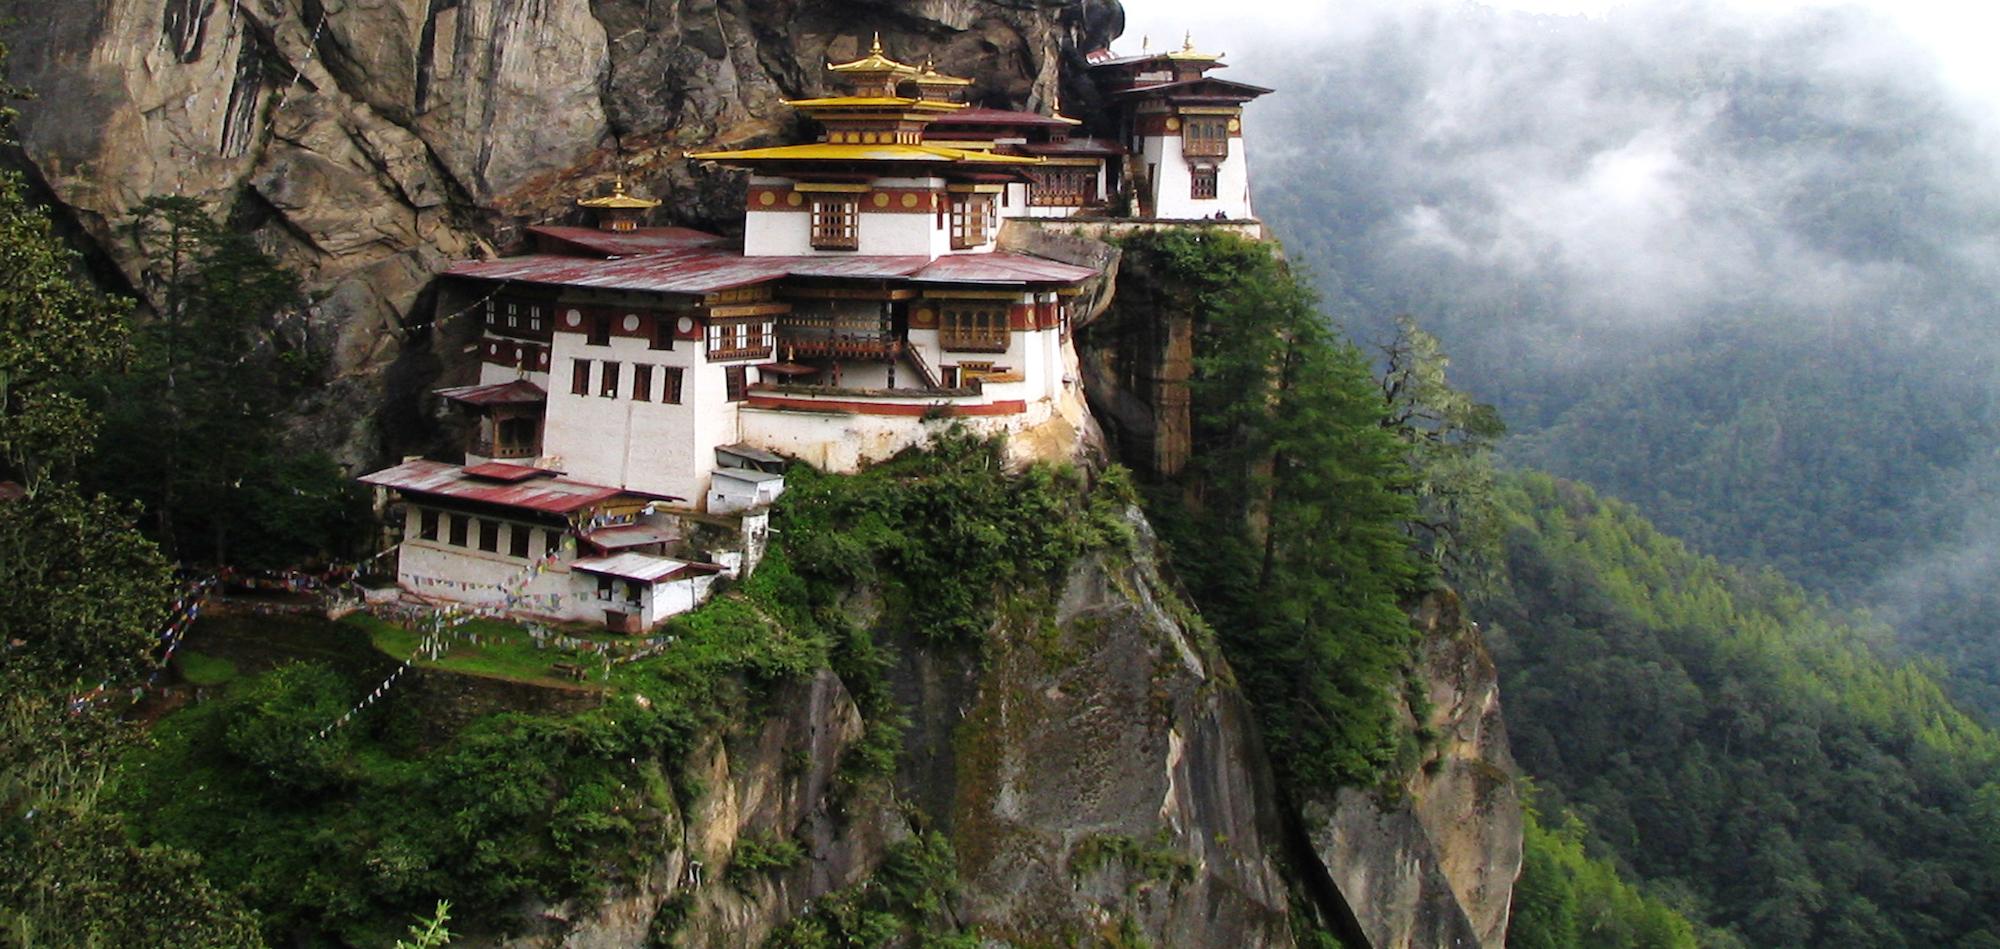 woodcessories_Reiseziele_Bhutan_Nachhaltigkeit_Holz_sommer